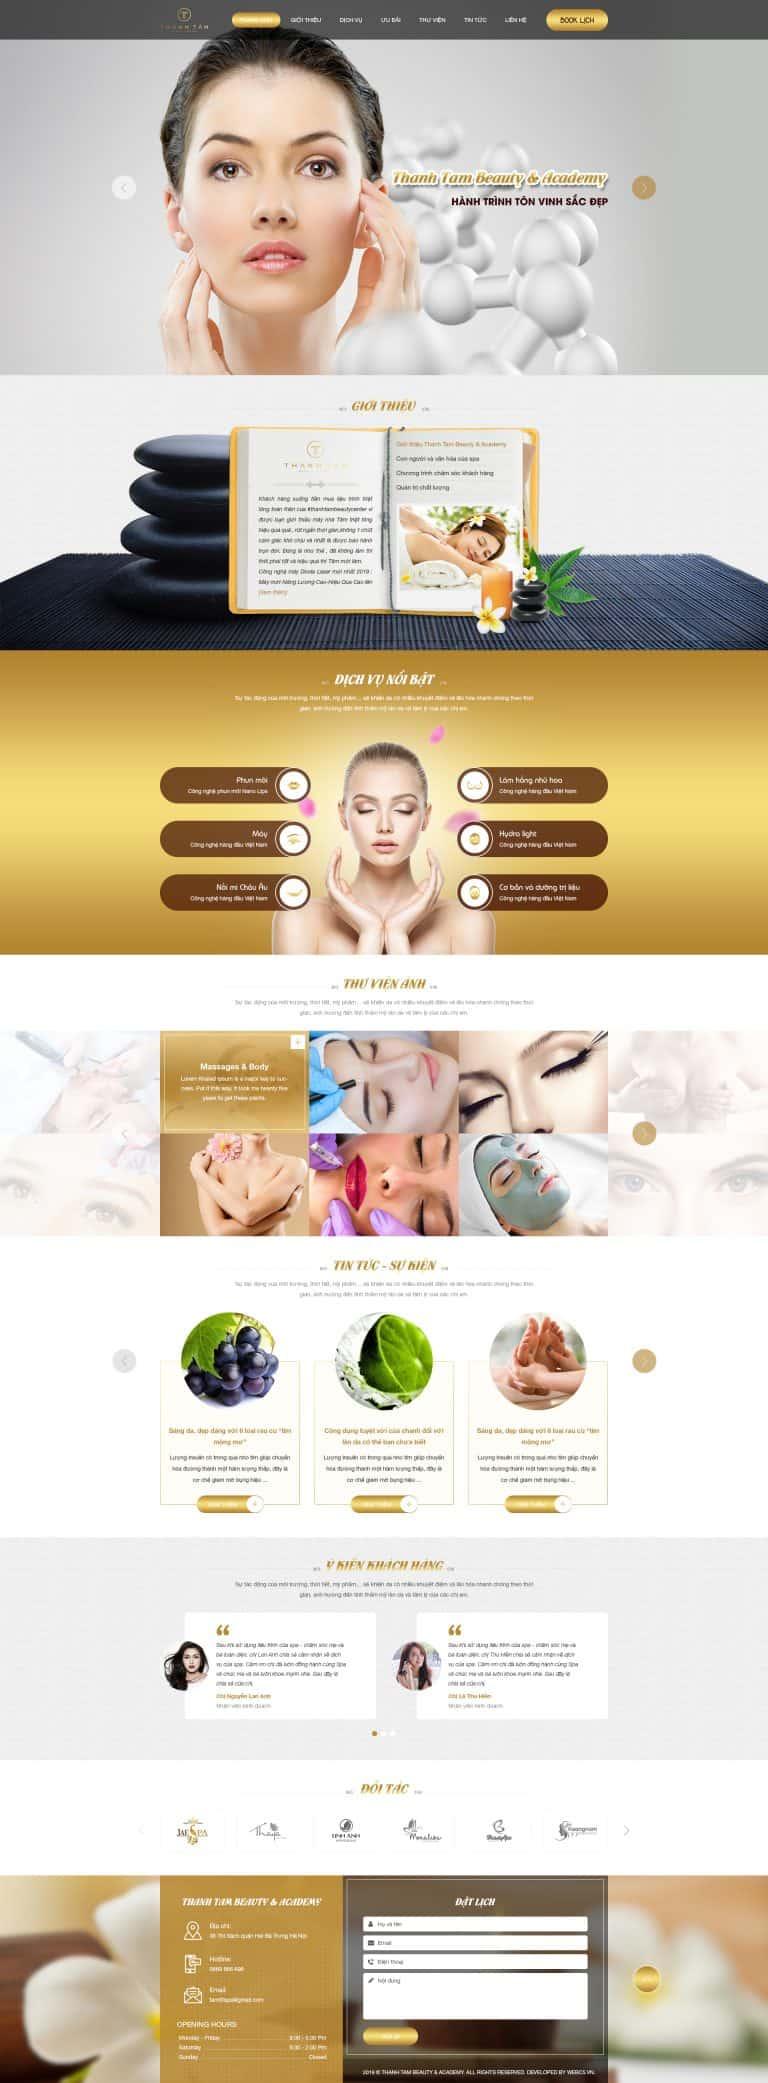 Thiết kế website Spa thẩm mỹ Thanh Tâm